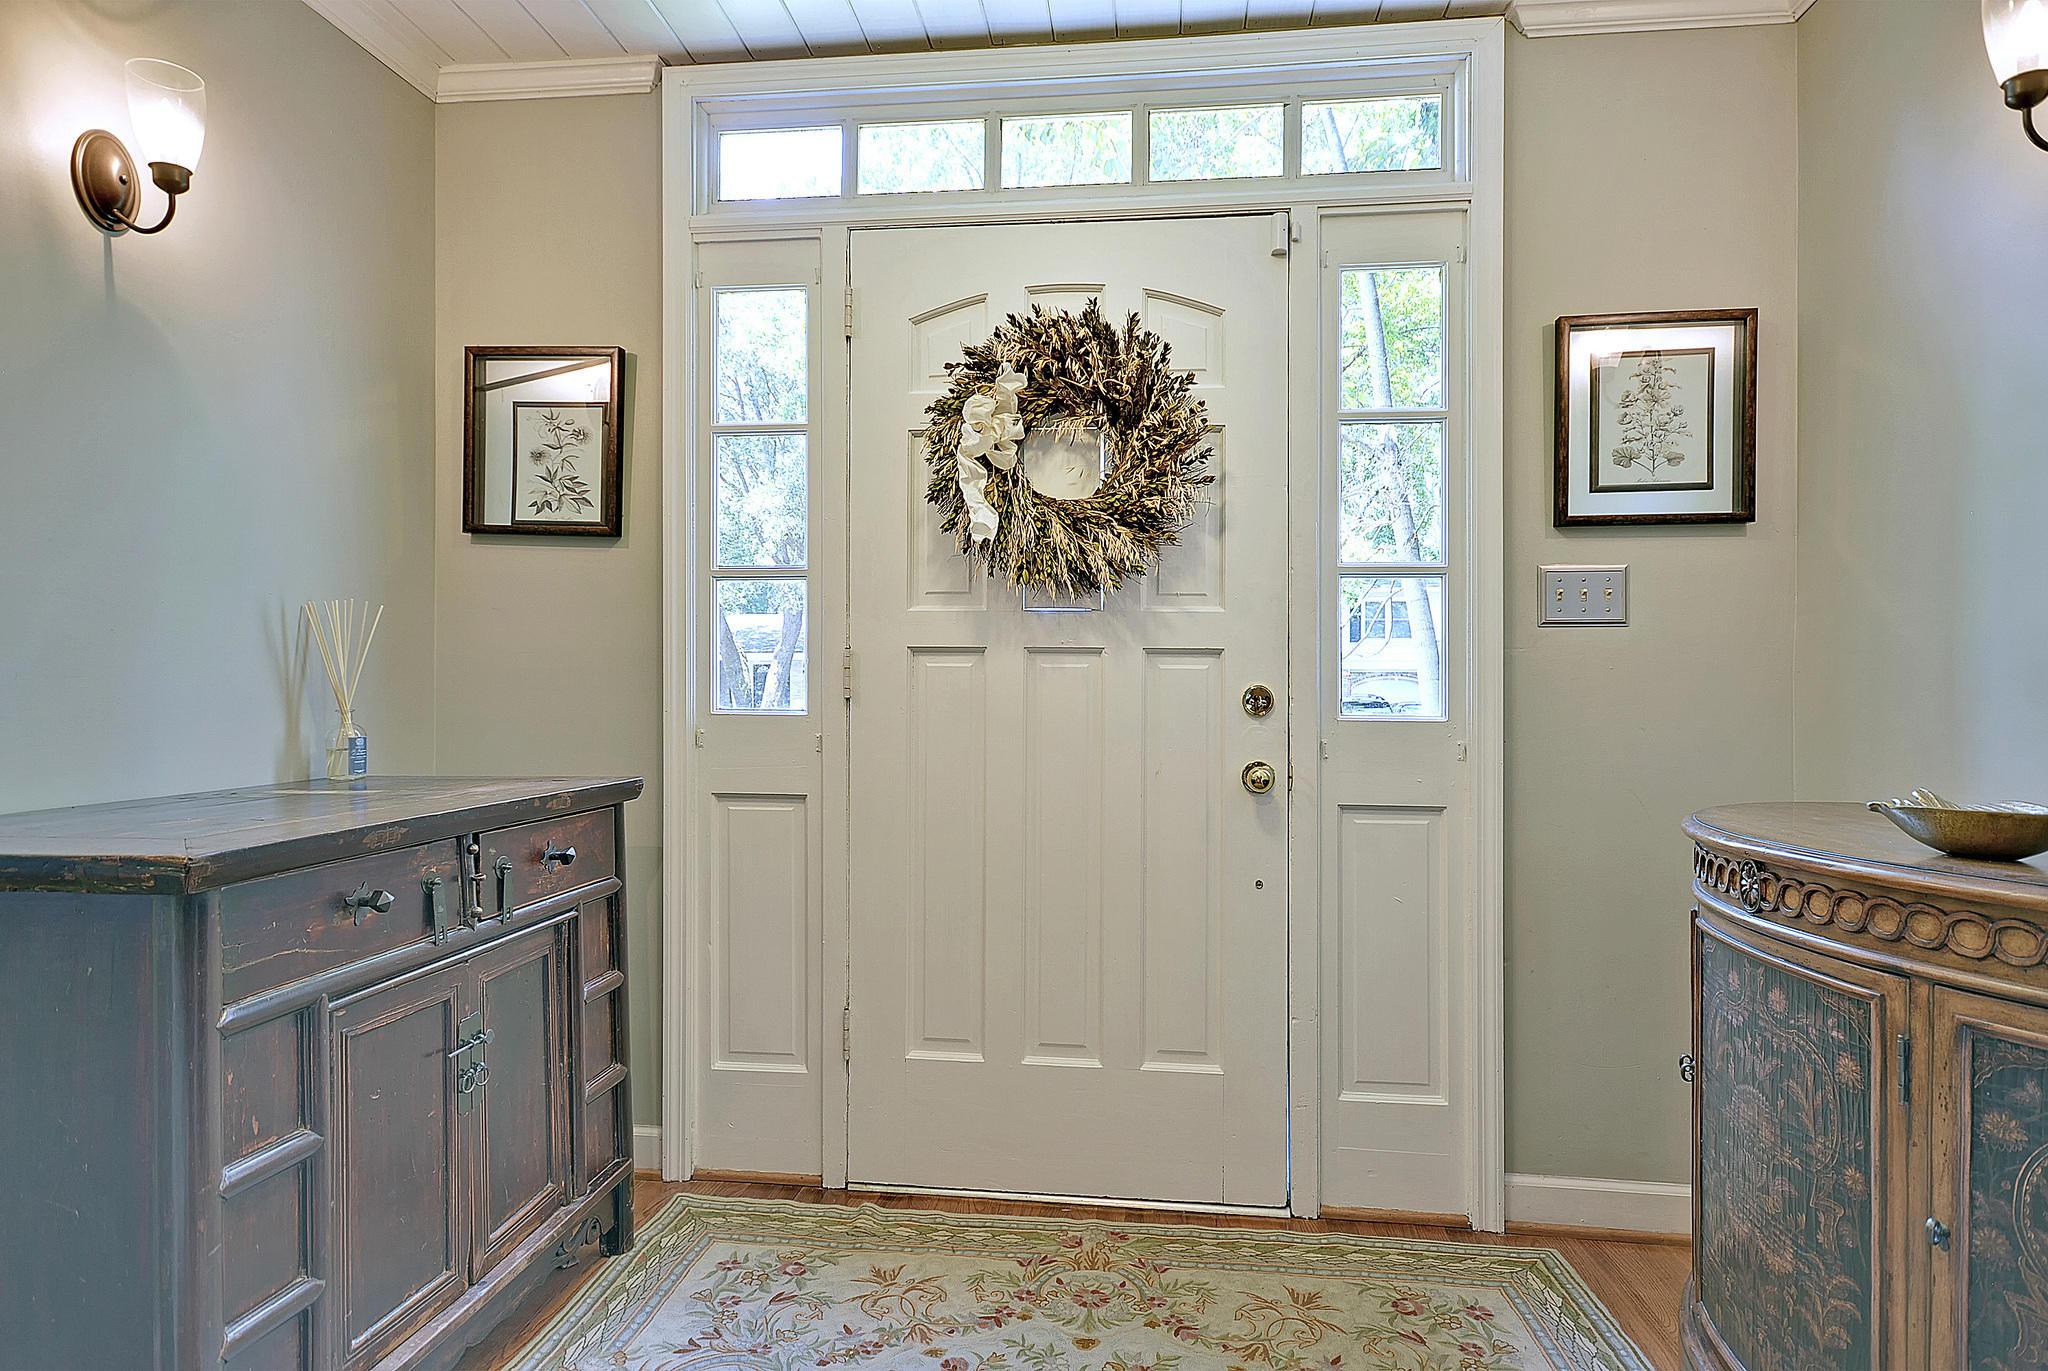 Parish Place Homes For Sale - 814 Abcaw, Mount Pleasant, SC - 25